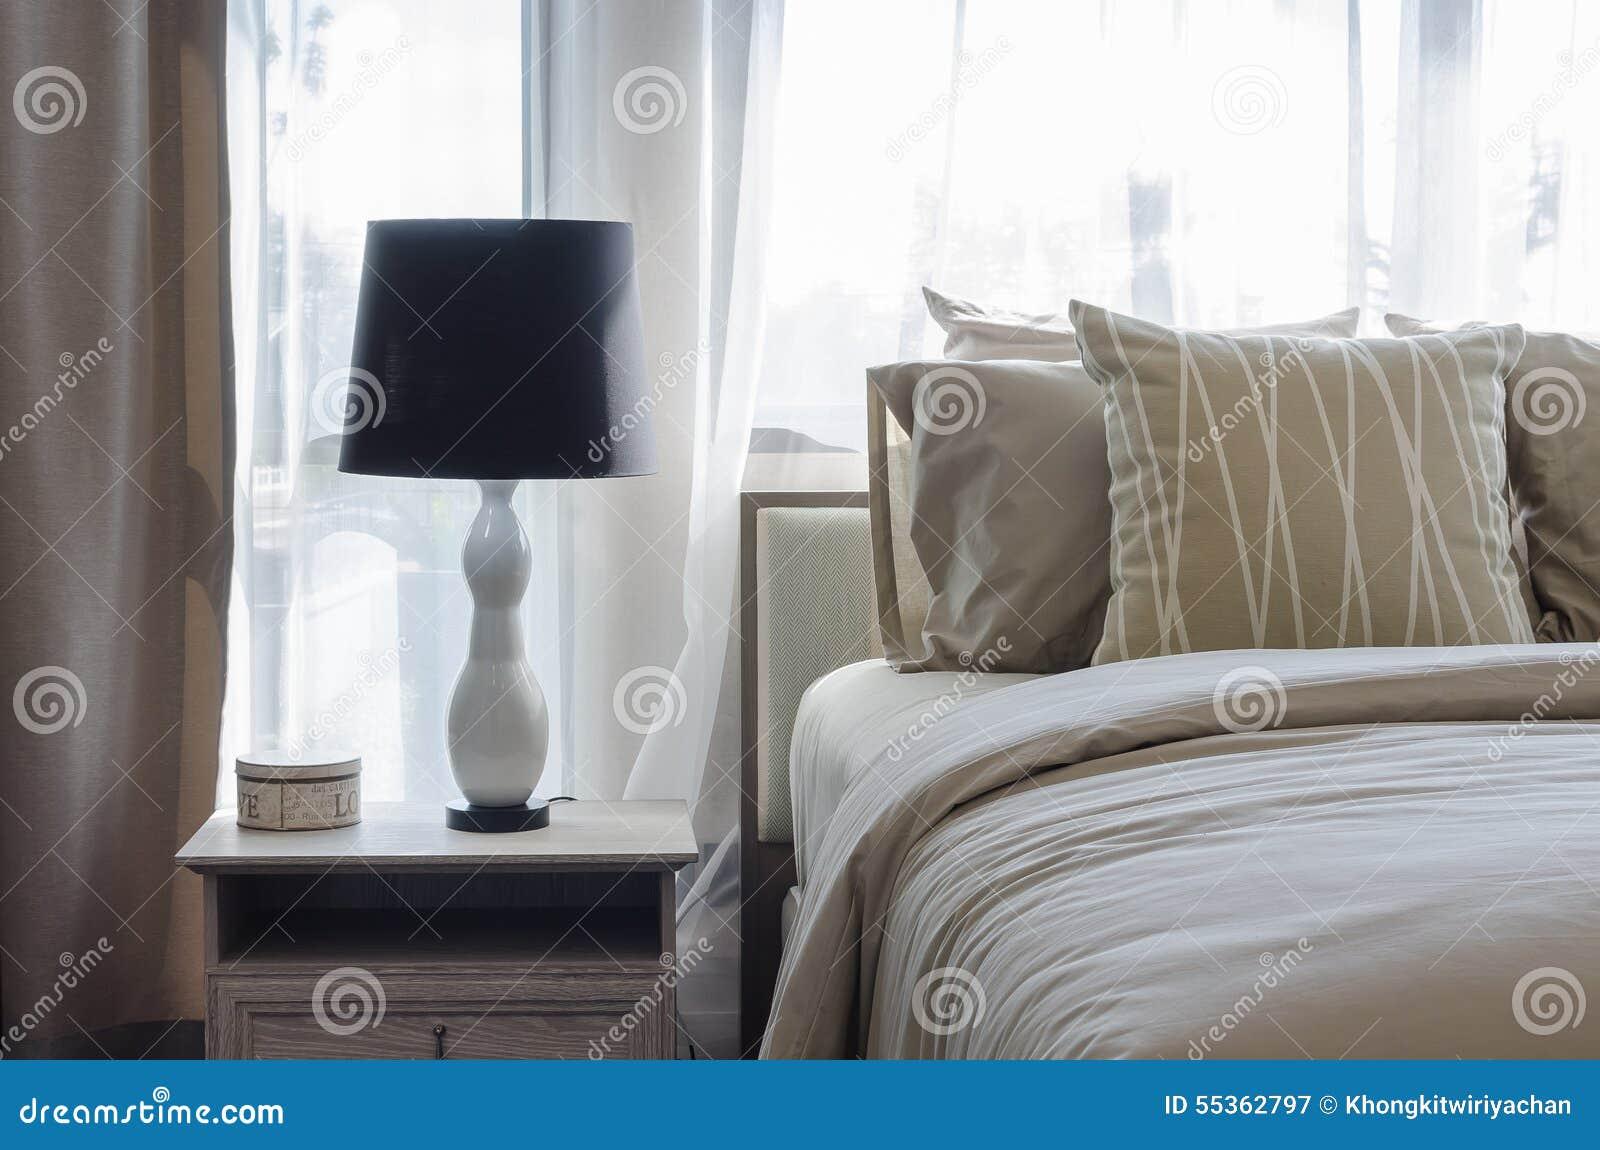 Lampada in bianco e nero sulla tavola di legno in camera da letto di lusso